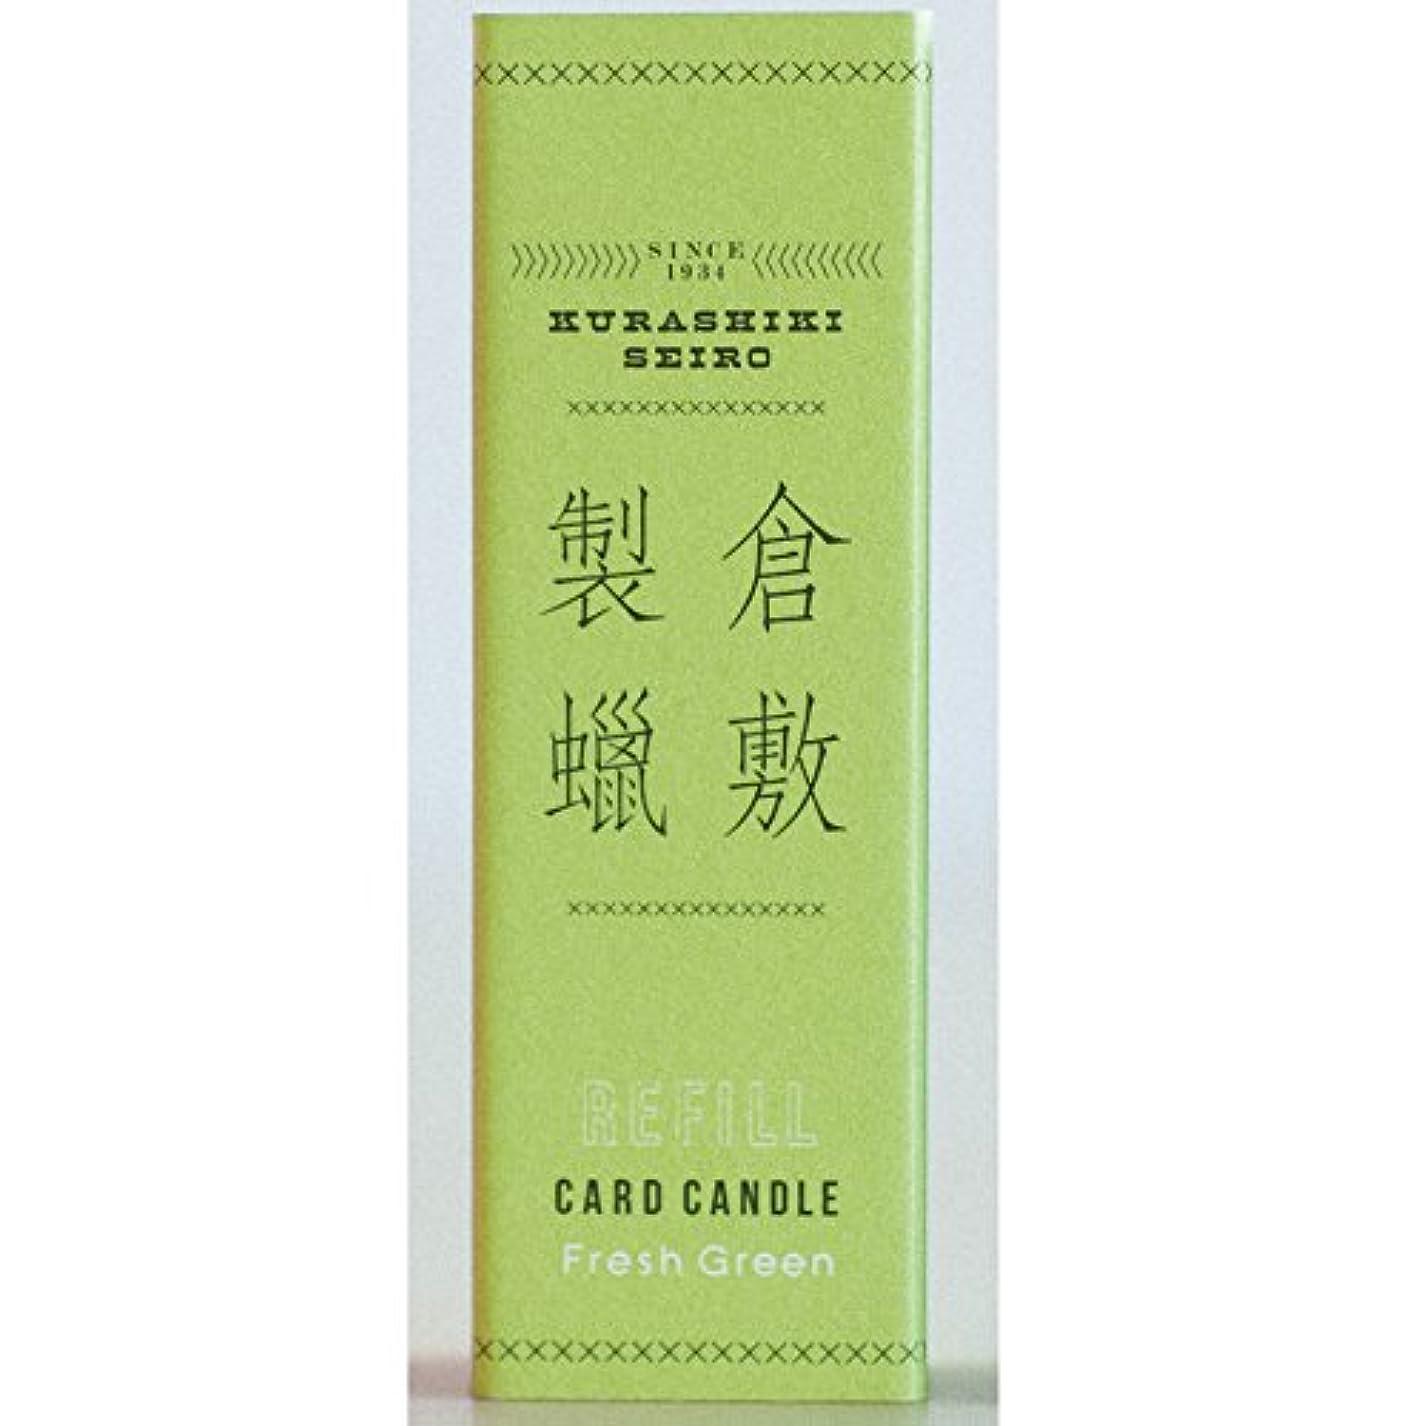 安いです集中的な布倉敷製蝋 CARD CANDLE REFILL (Fresh Green)